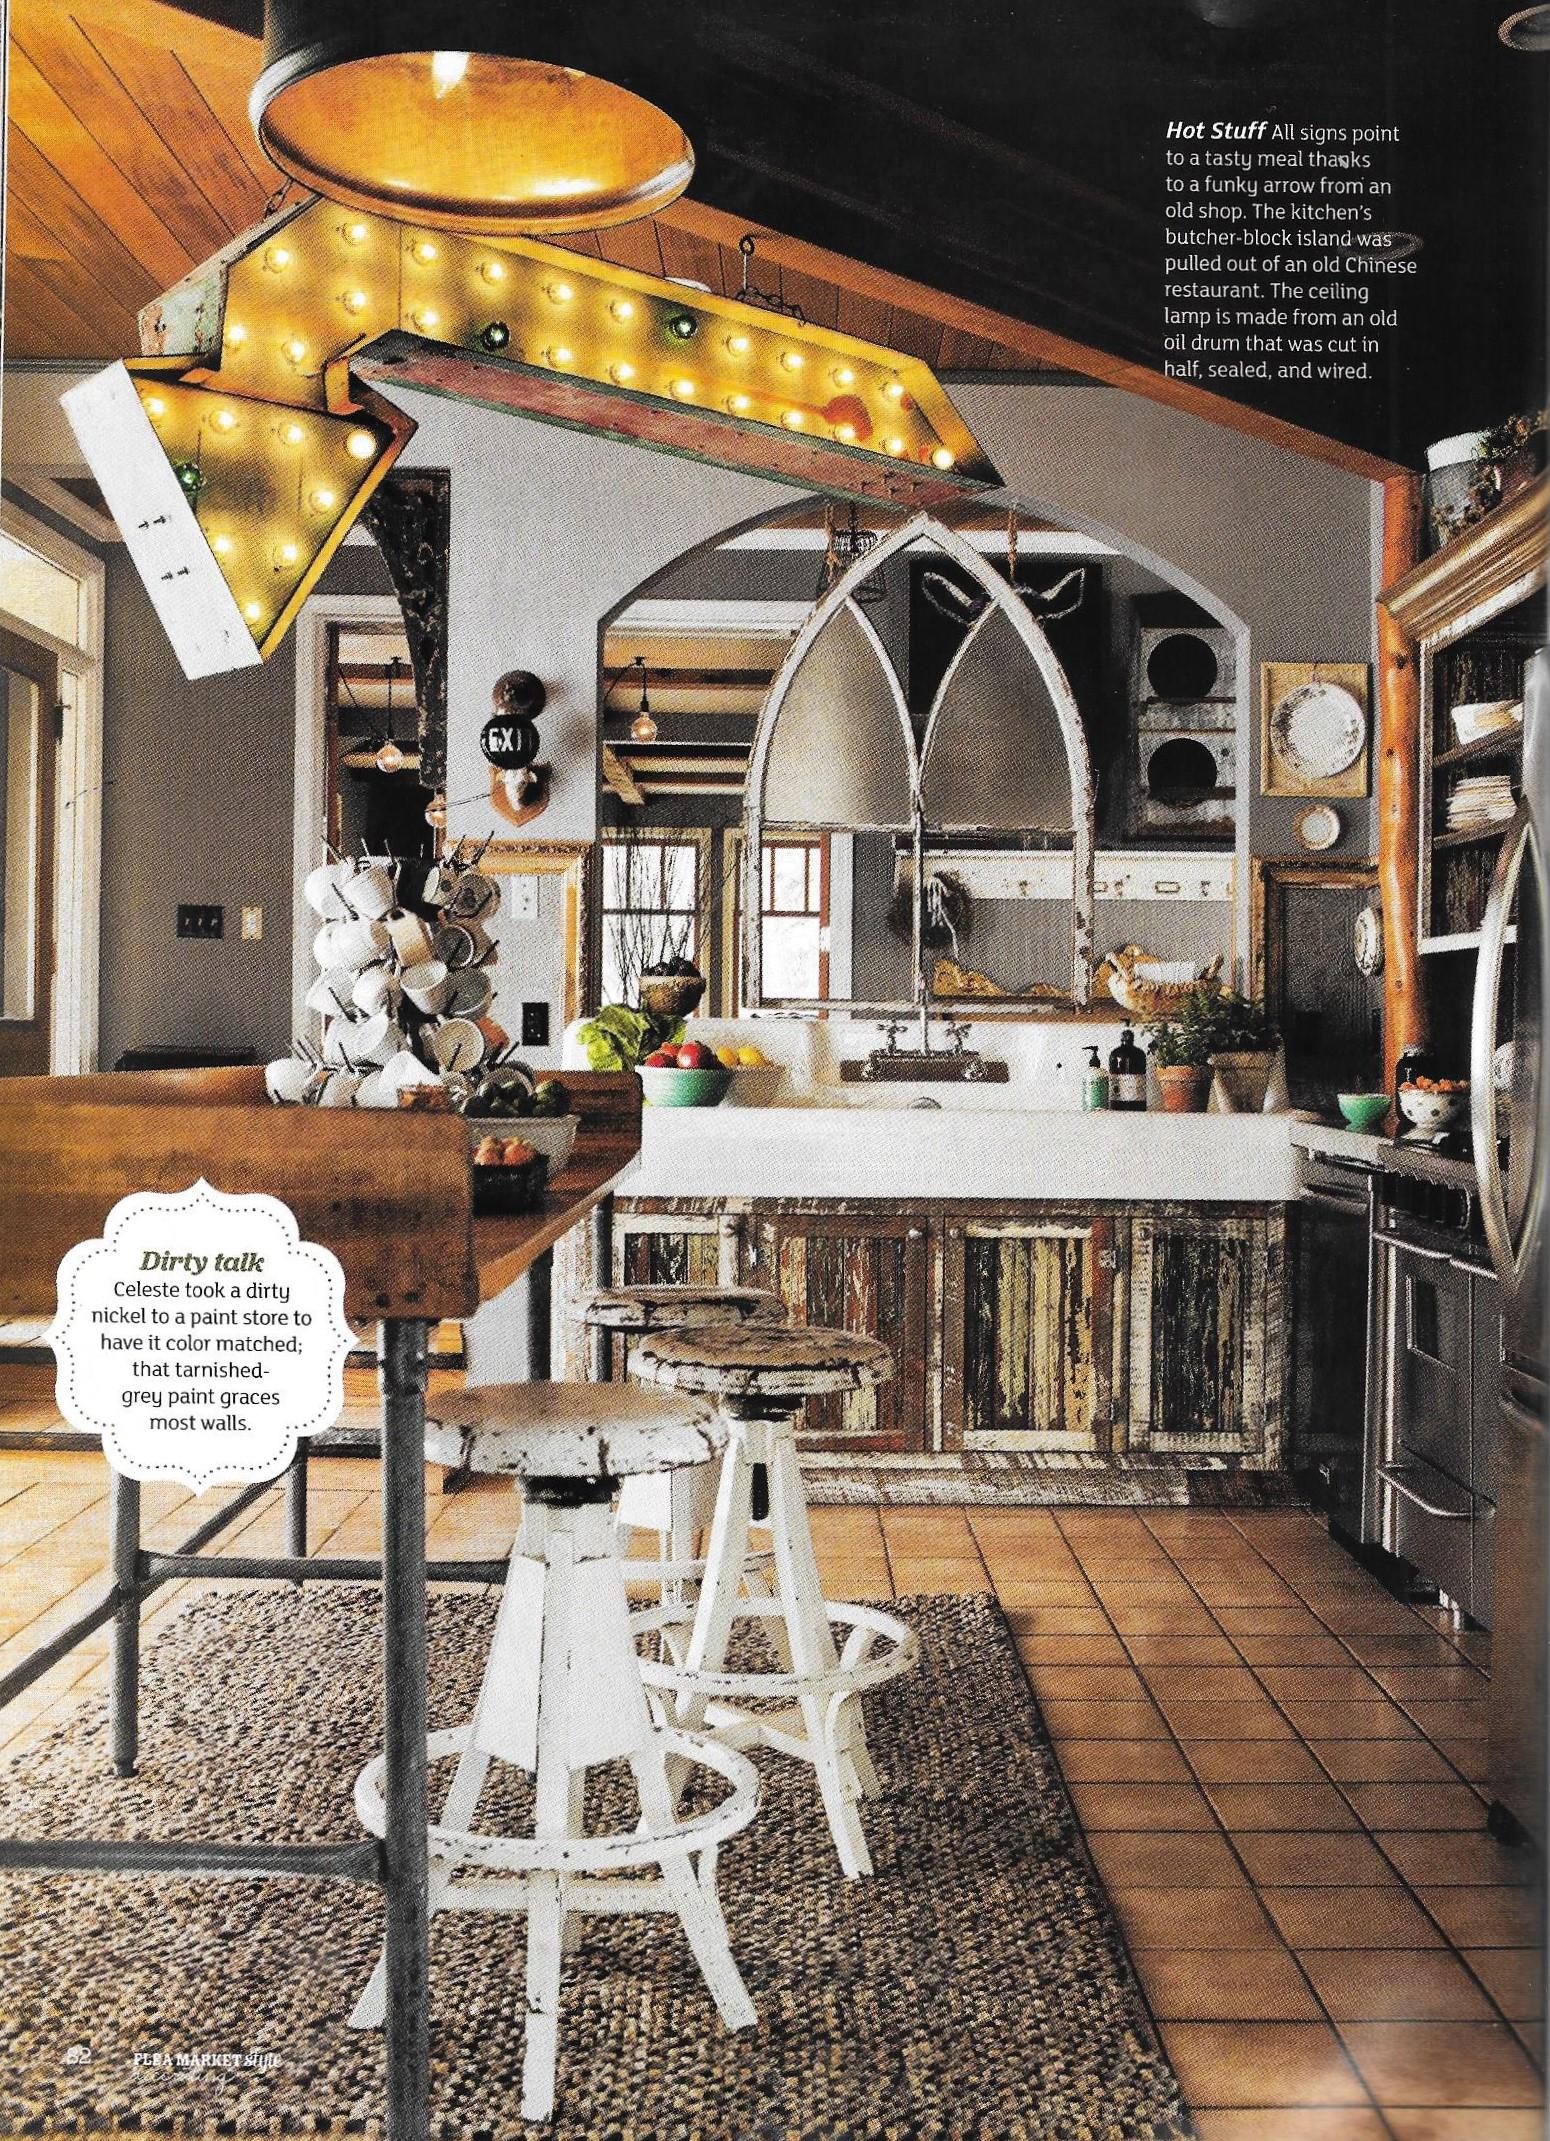 Flea Market Style Magazine - Decorating Issue - 6